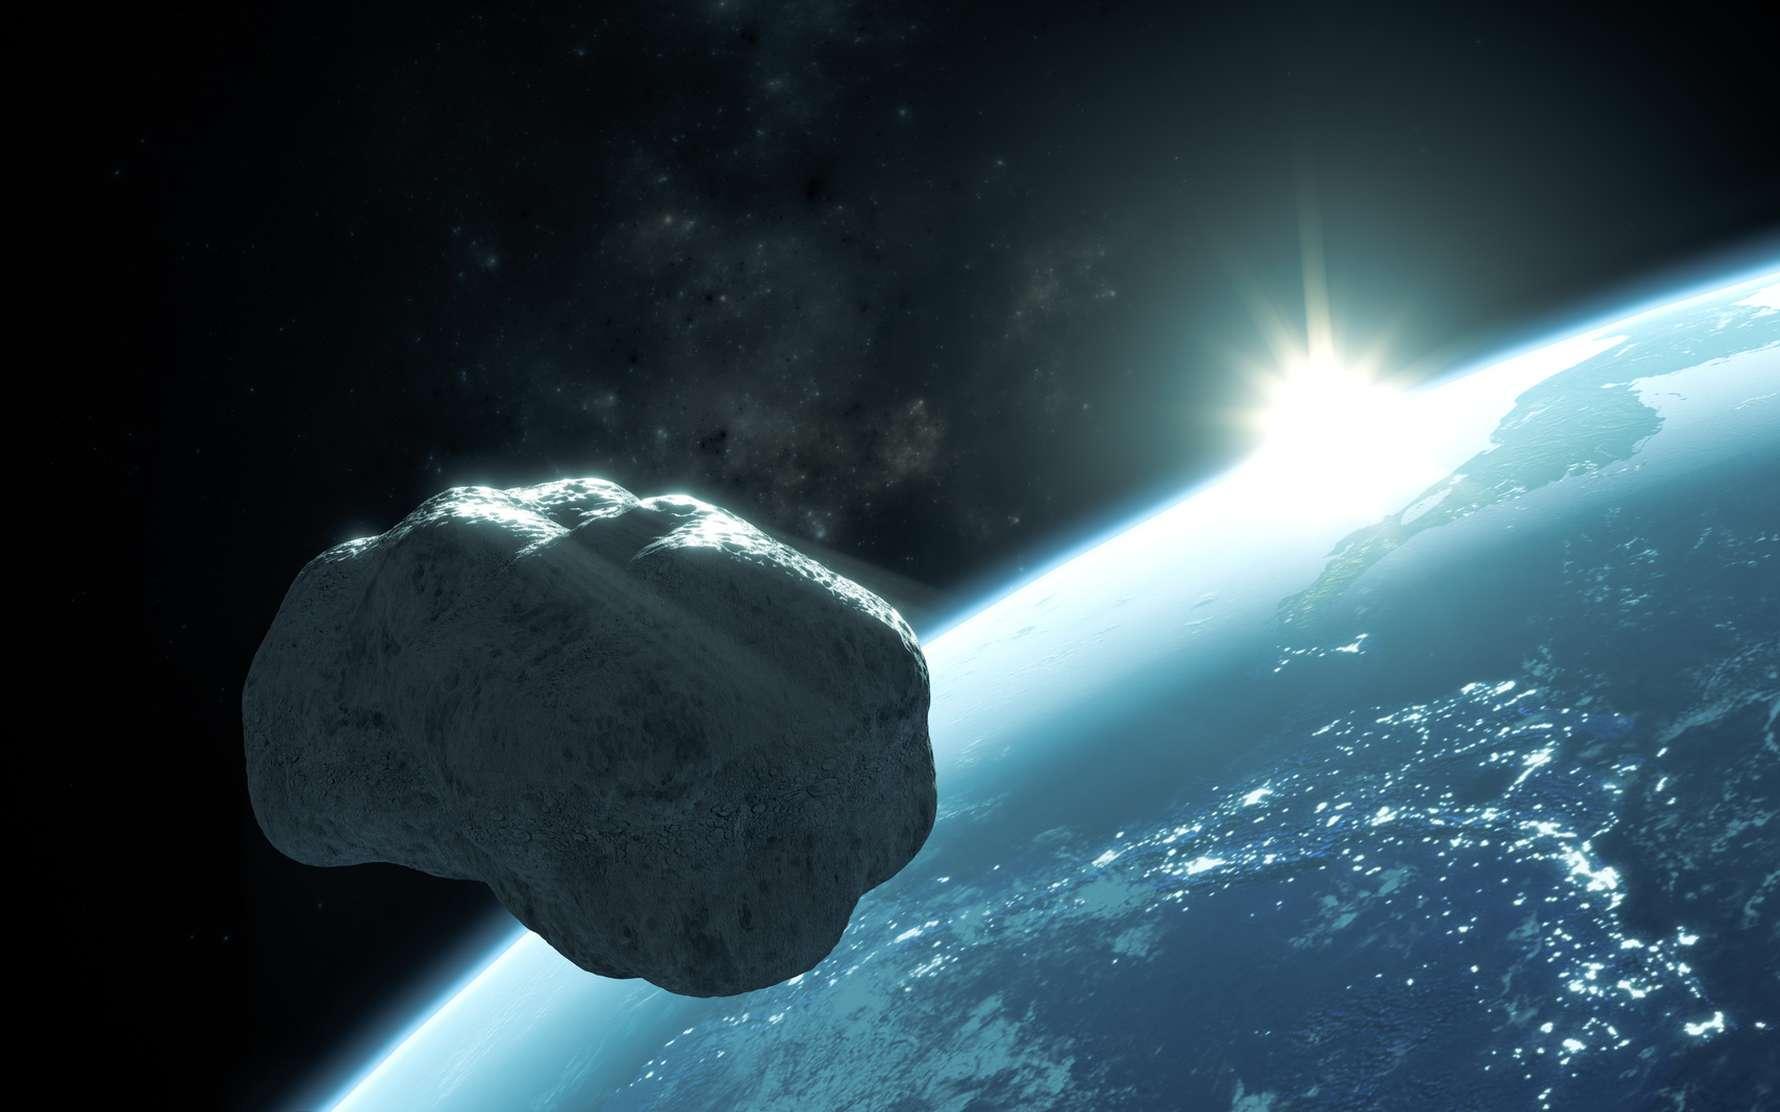 Illustration d'un astéroïde passant près de la Terre. © S. Masclaux, fotolia